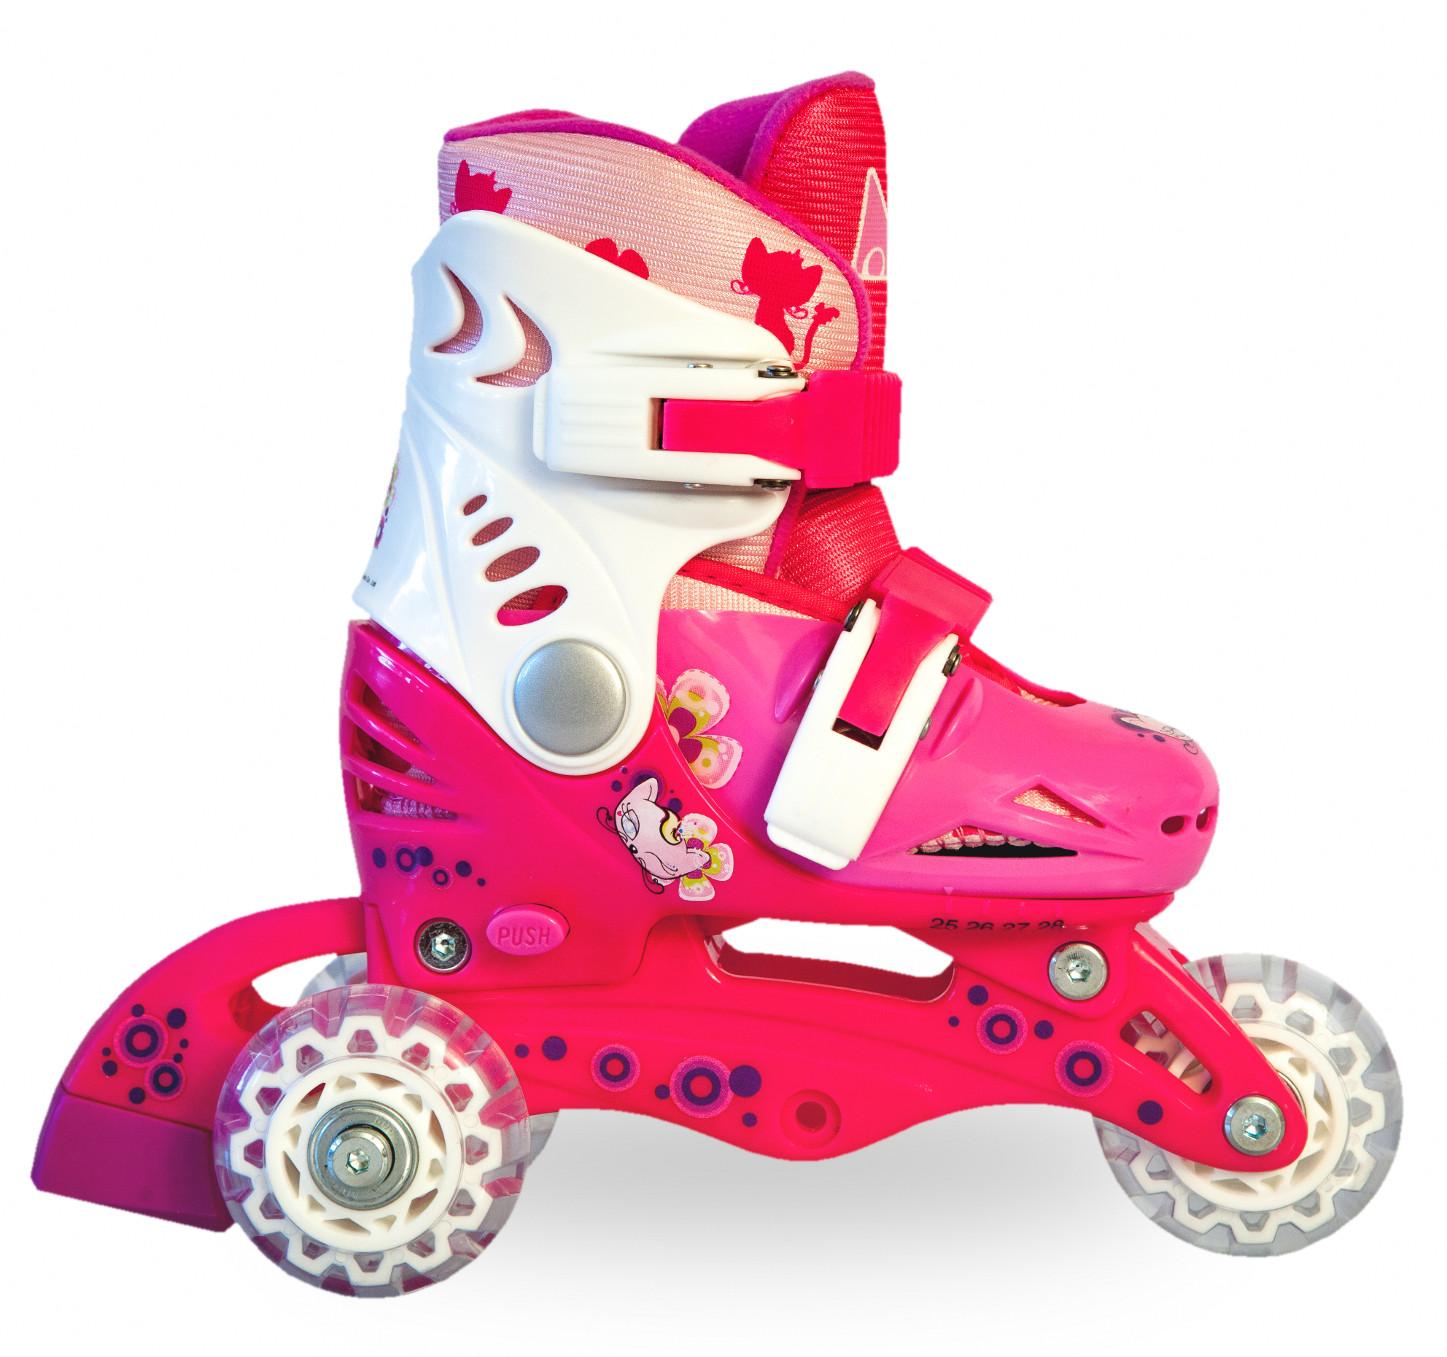 Ролики детские 26 размер, для обучения (трансформеры, раздвижной ботинок) MagicWheels розовые, - фото 6